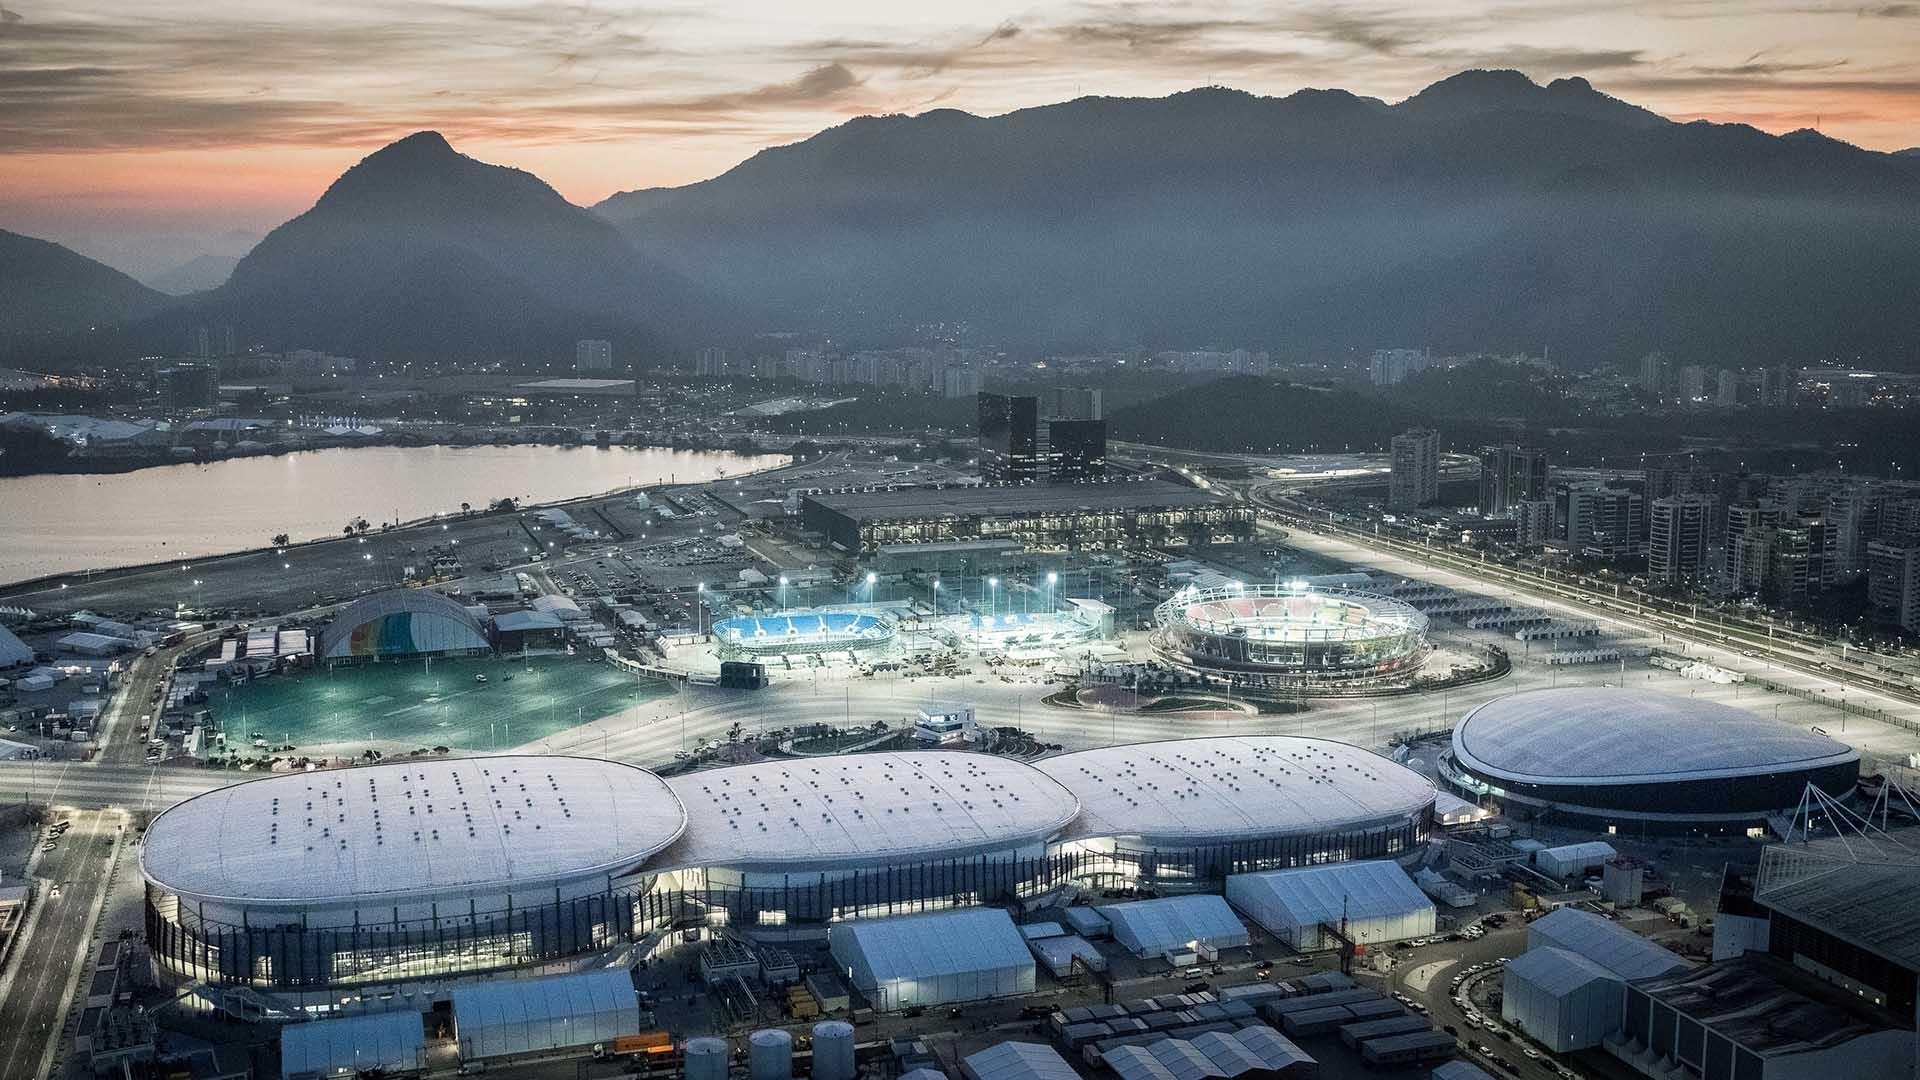 Cariocas Arenas, Rio 2016 Olympic Games, designed by WilkinsonEyre